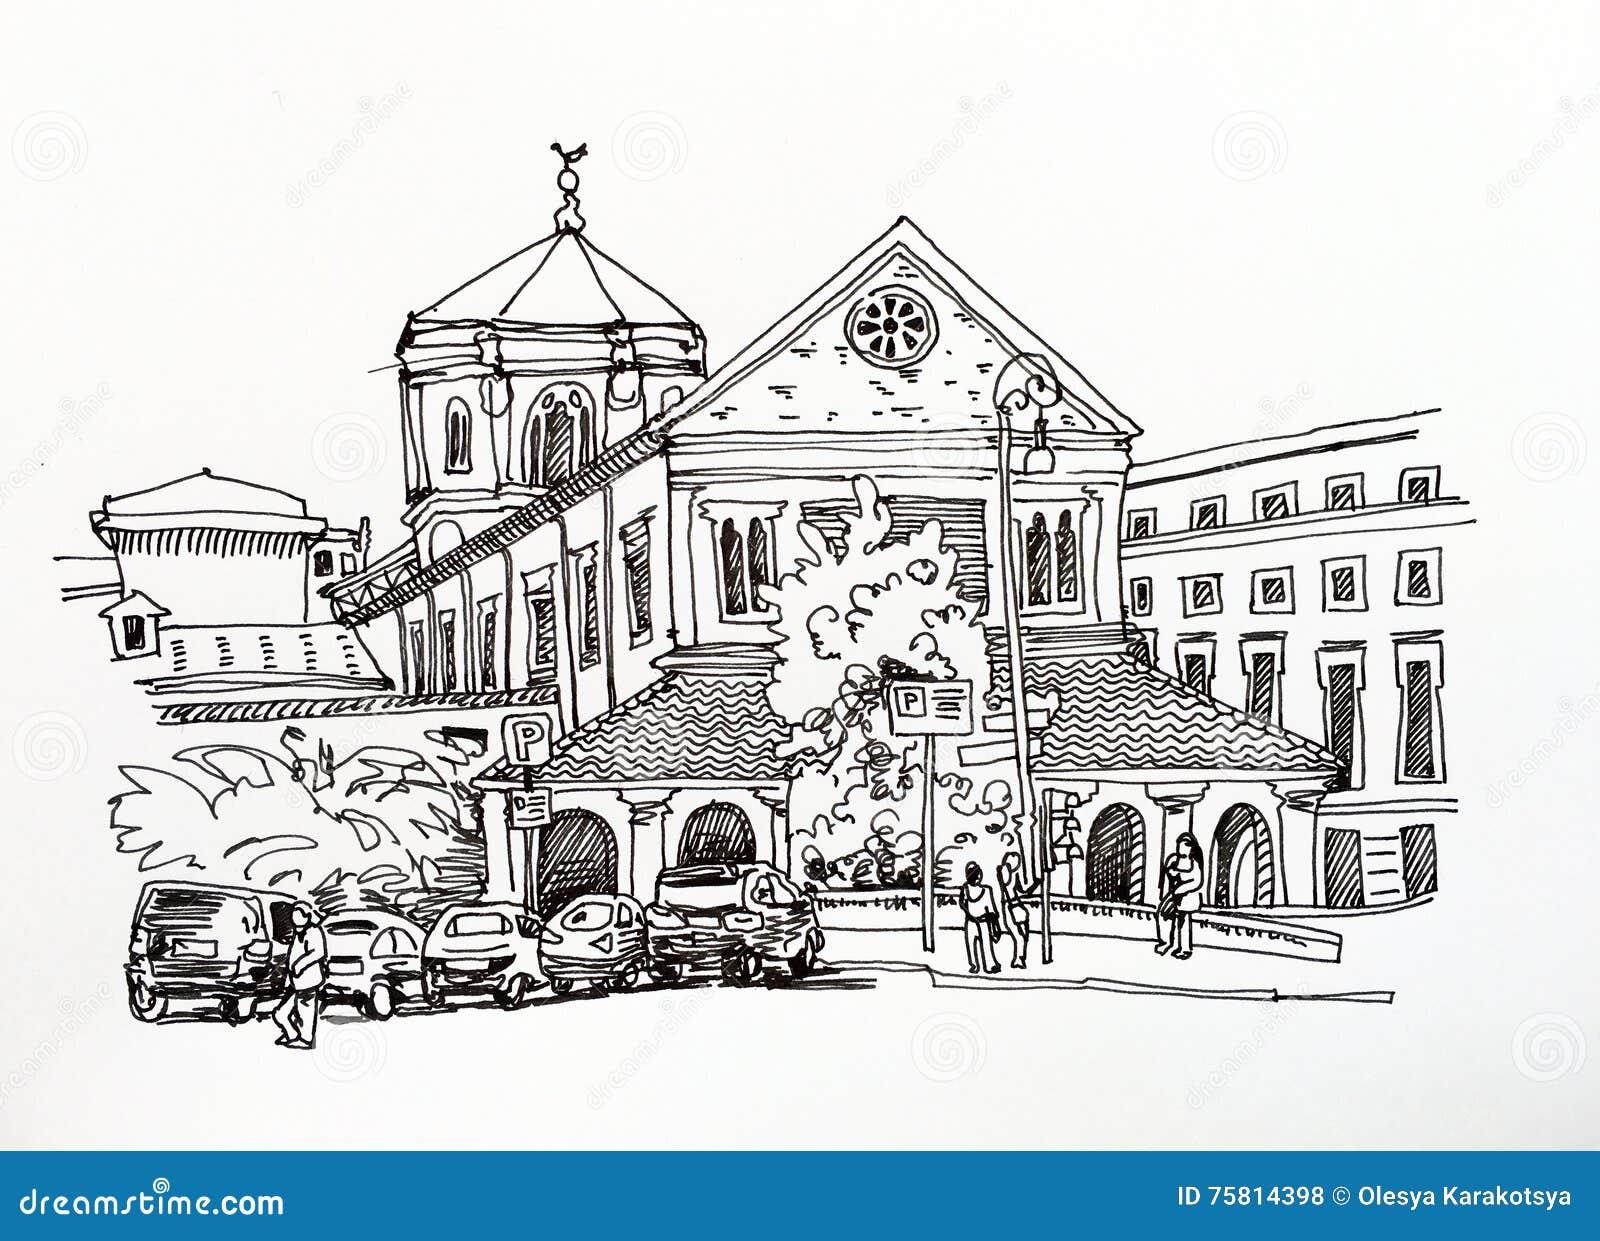 Disegno di schizzo in bianco e nero del paesaggio urbano for Disegni bianco e nero paesaggi